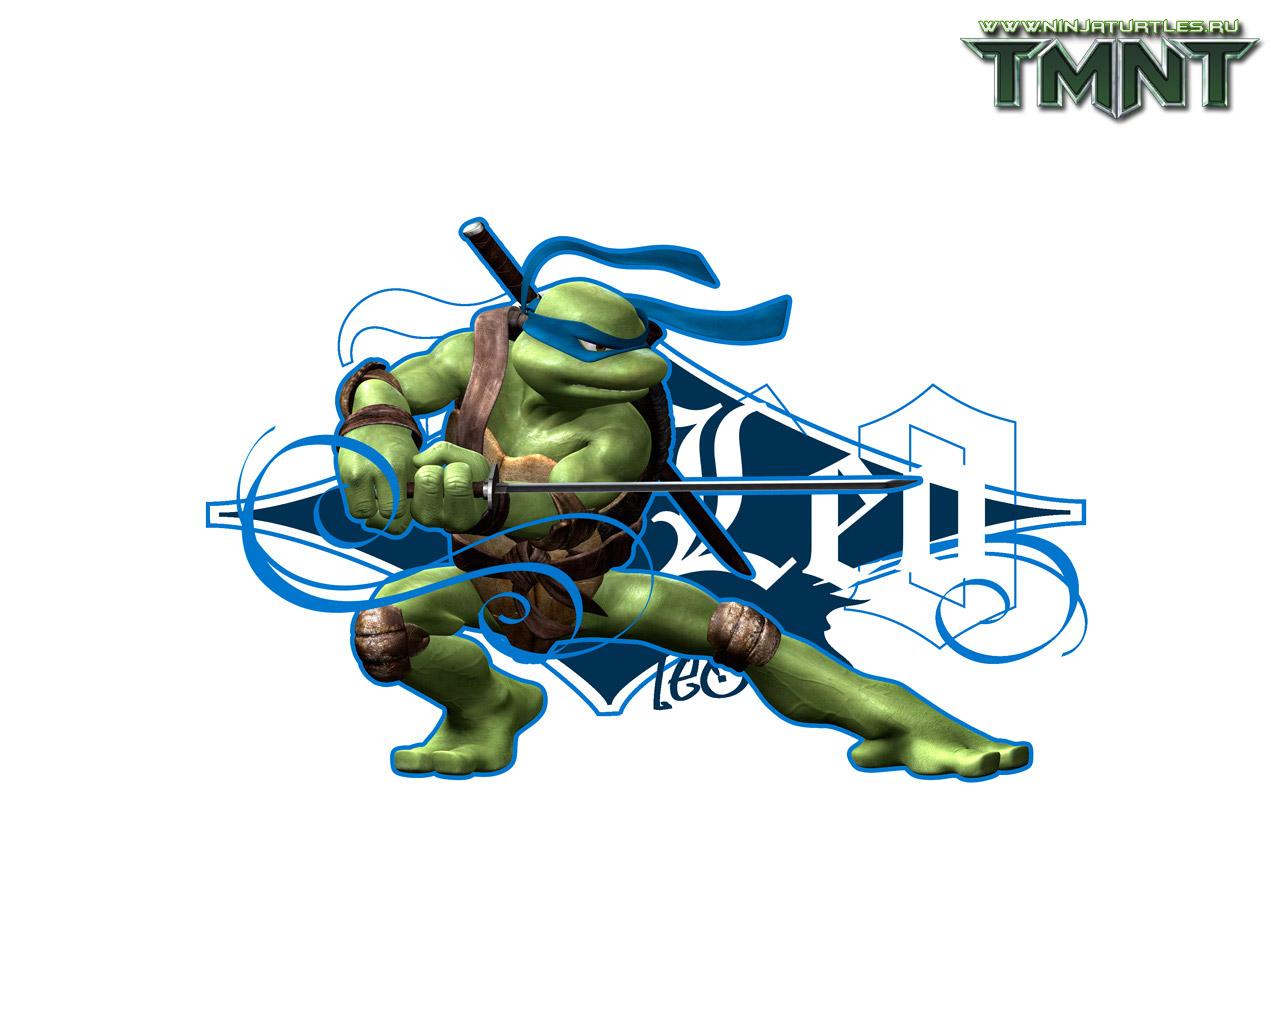 TMNT 2007 wallpaper (86)